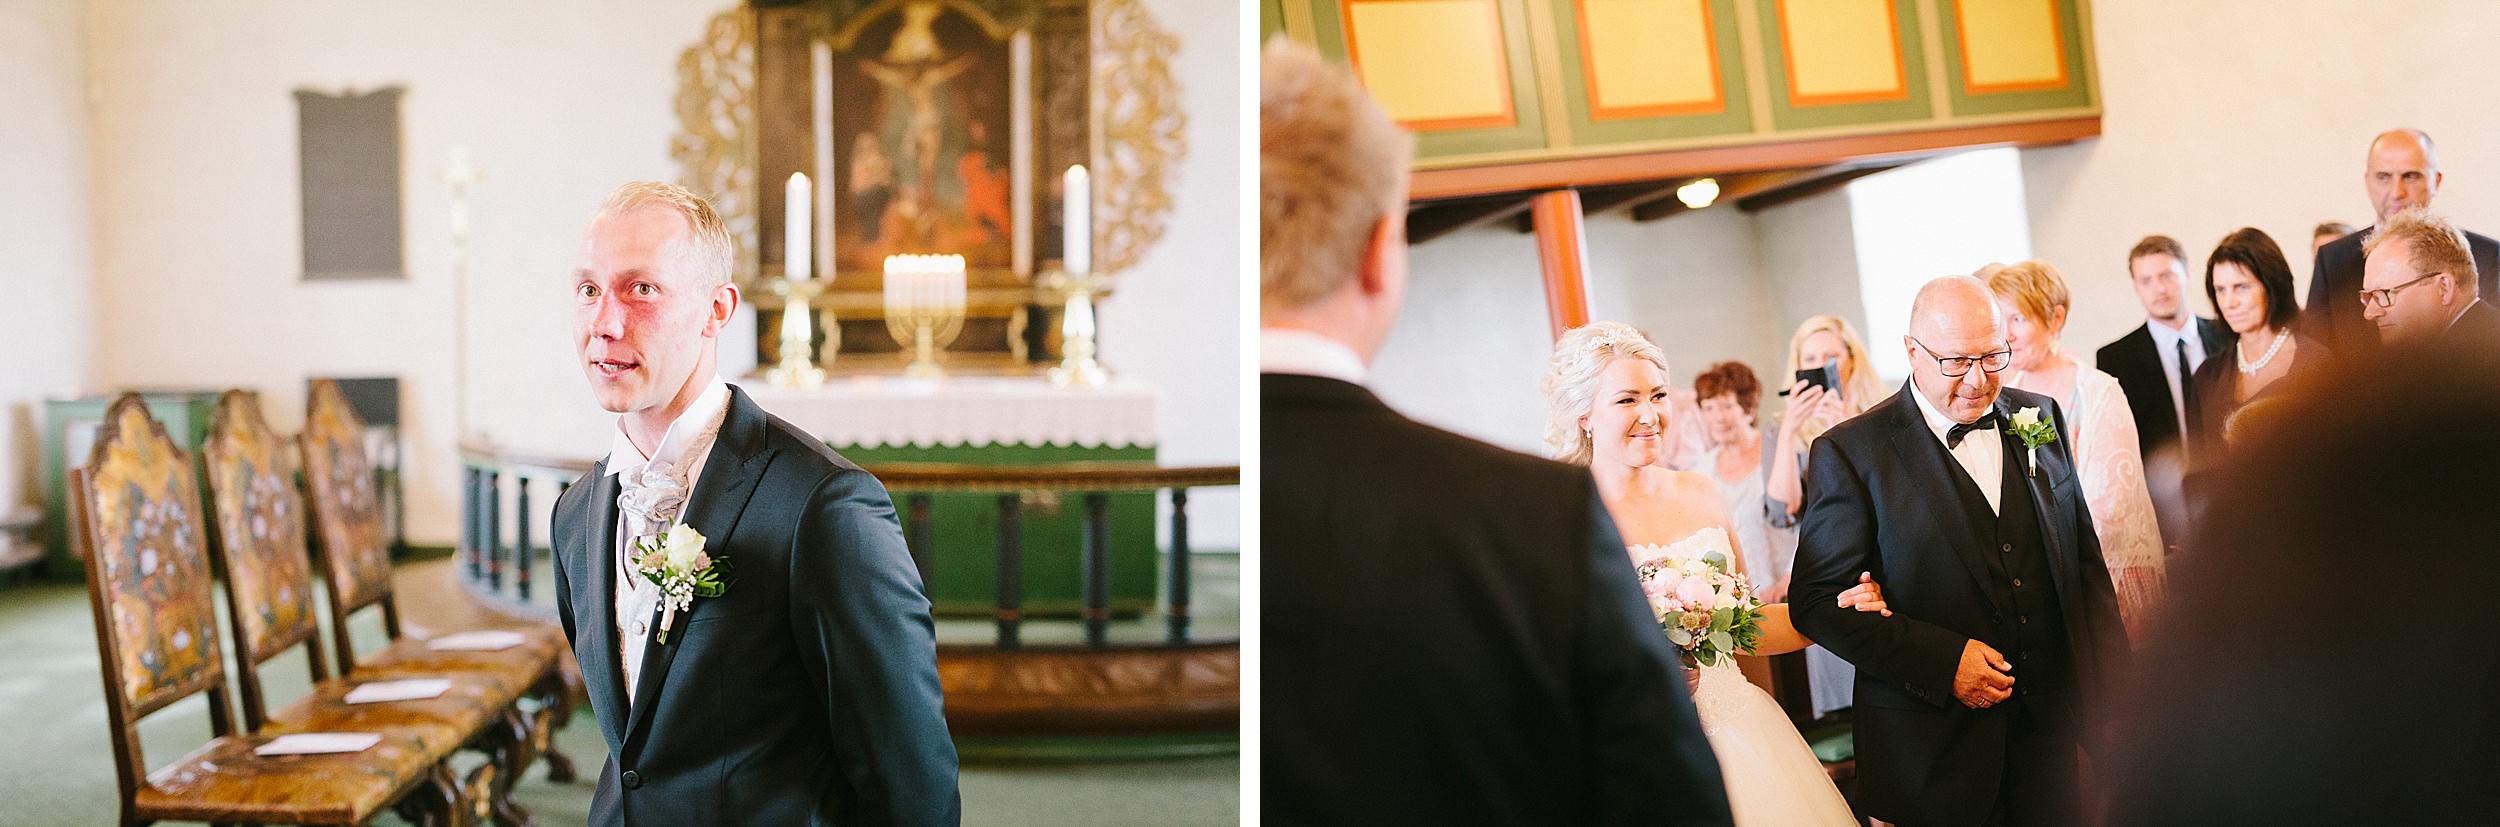 Heldags-bryllupsfoto-june-thomas_0064.jpg